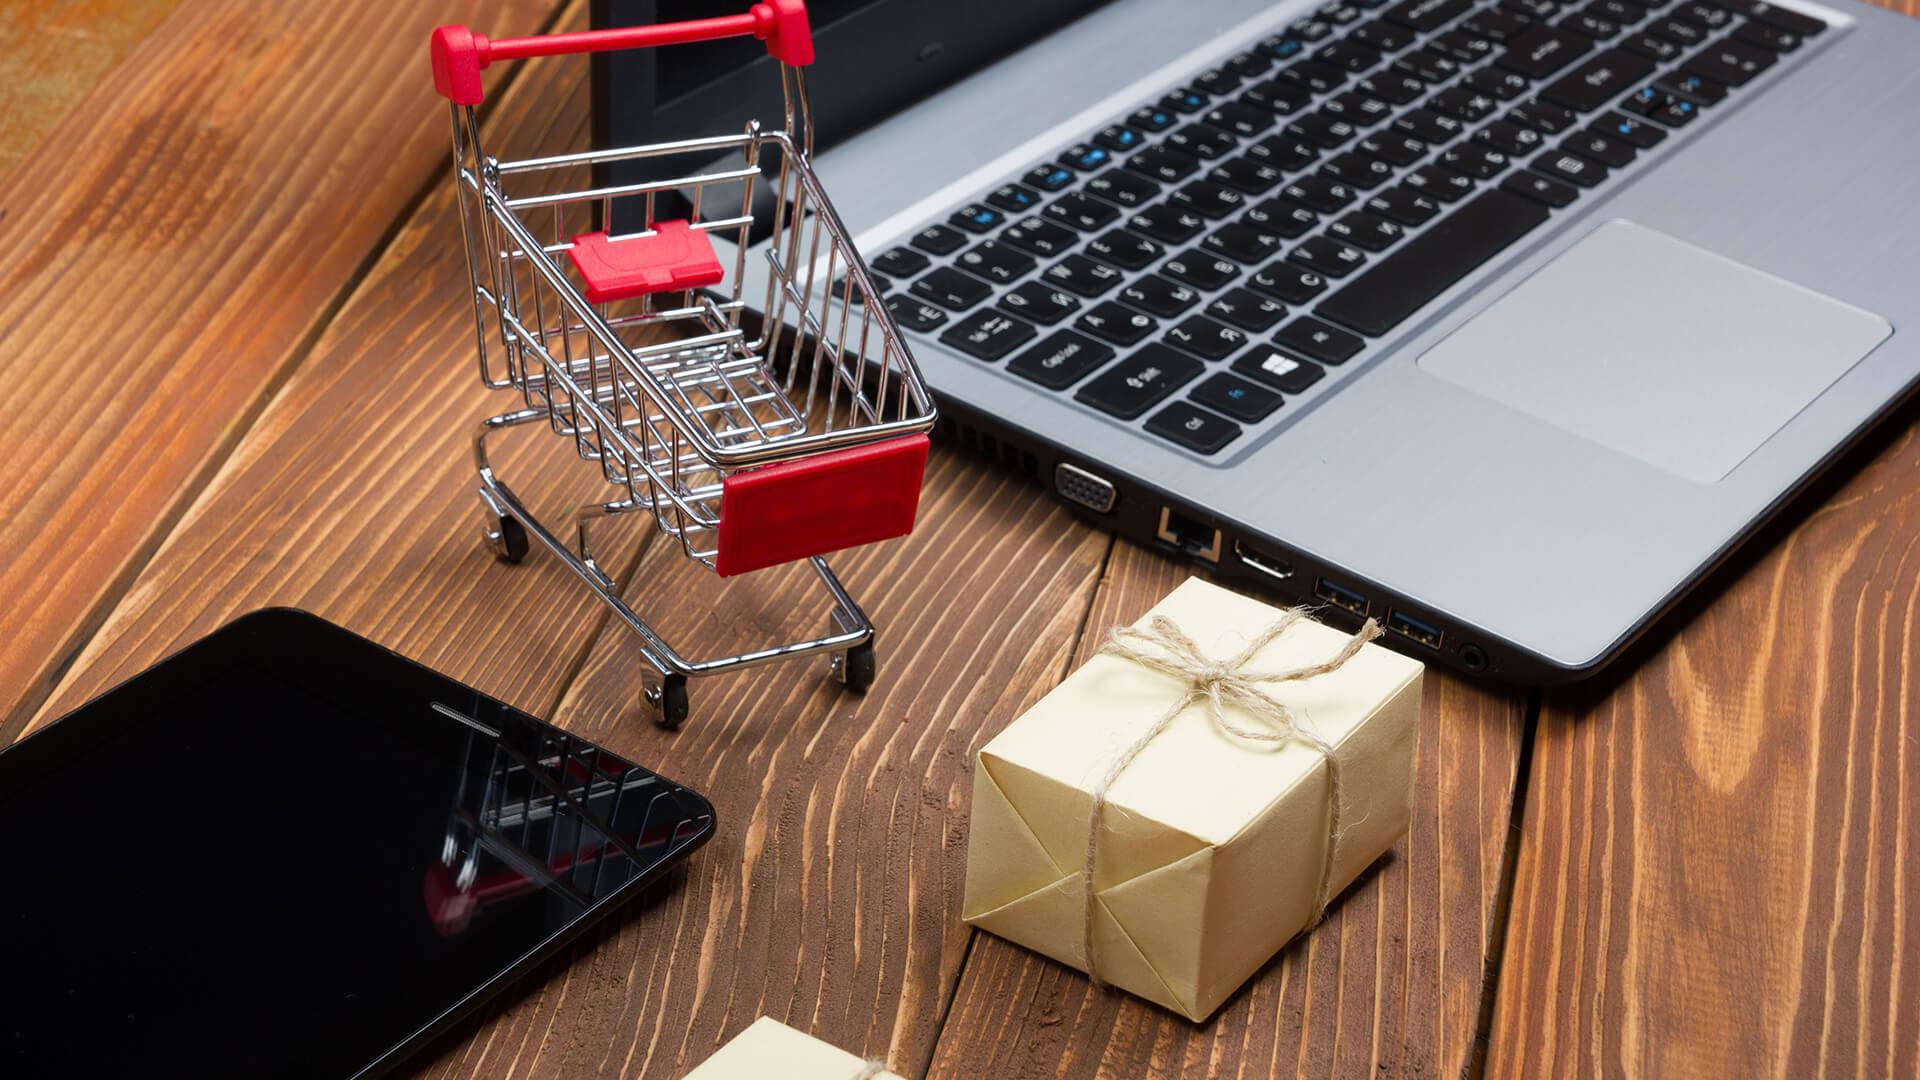 Cyber Days: ¿En qué sectores se esperan mayores rebajas?